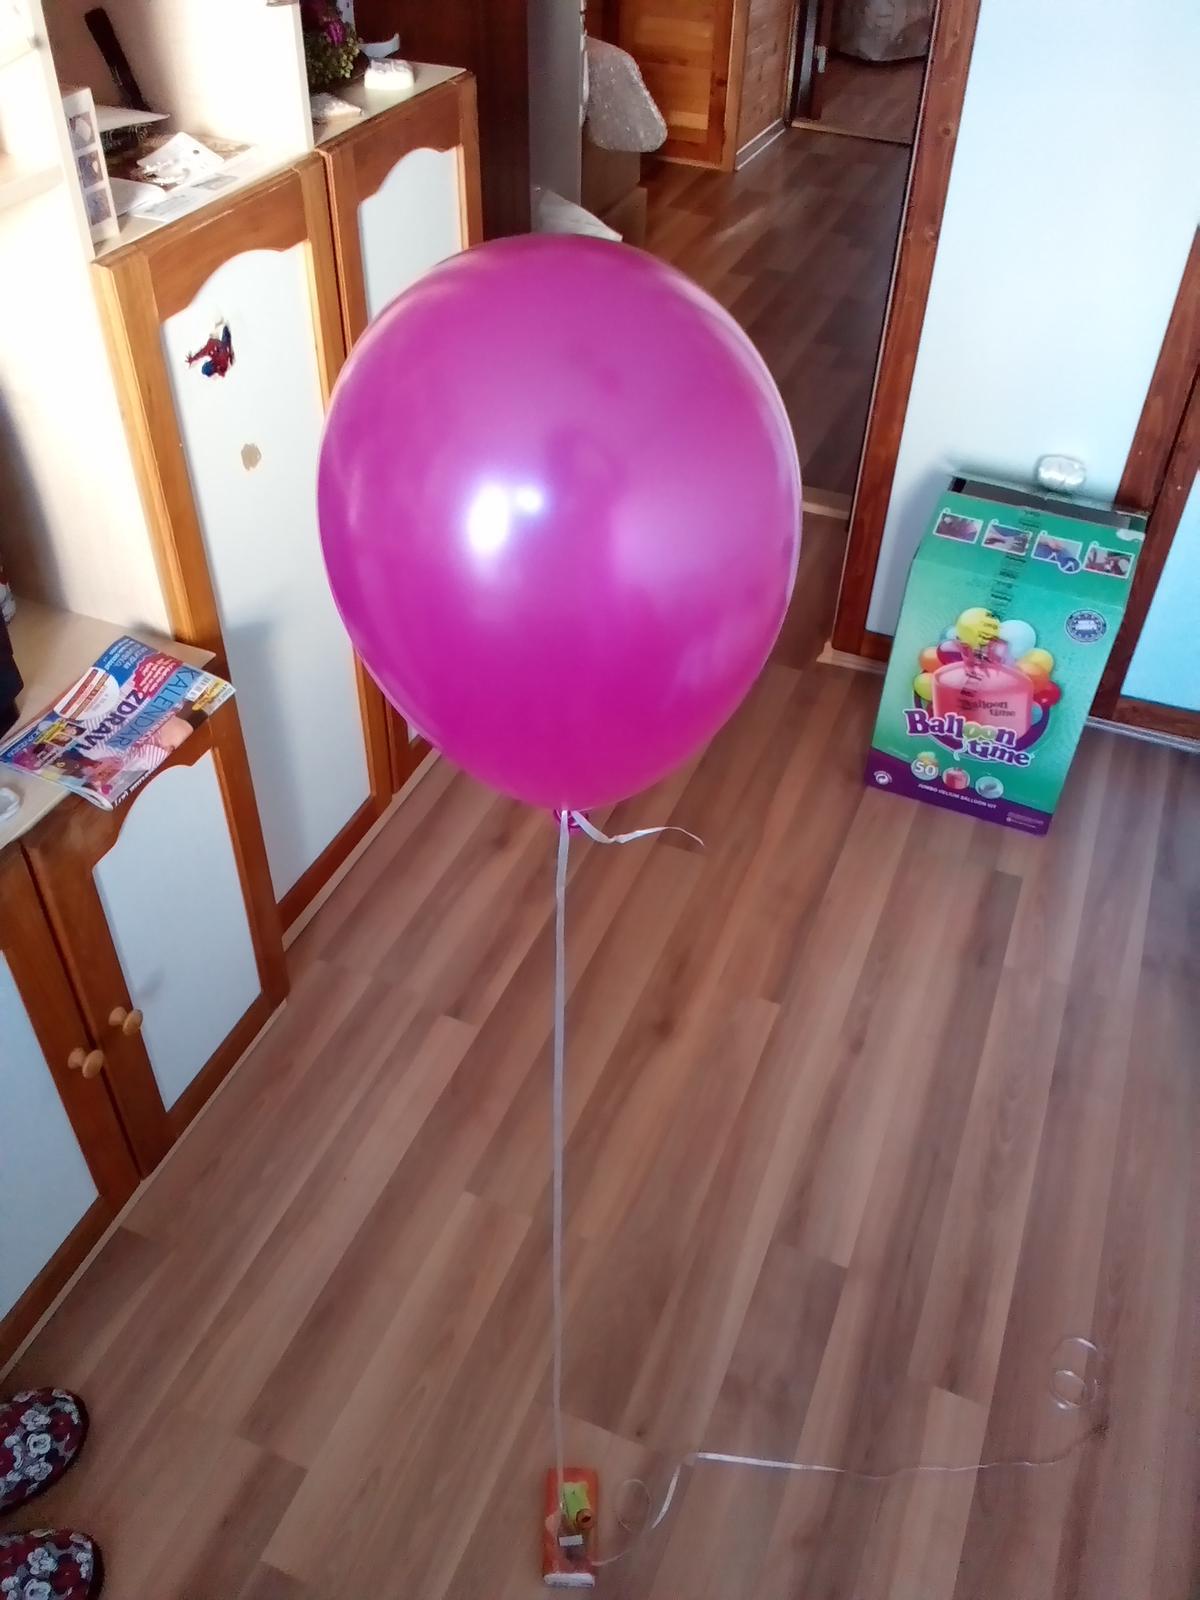 Dnes nám prišiel balíček a určite vám tu heliovu bombu odporúčam :-) jeden na ukazku - Obrázok č. 1